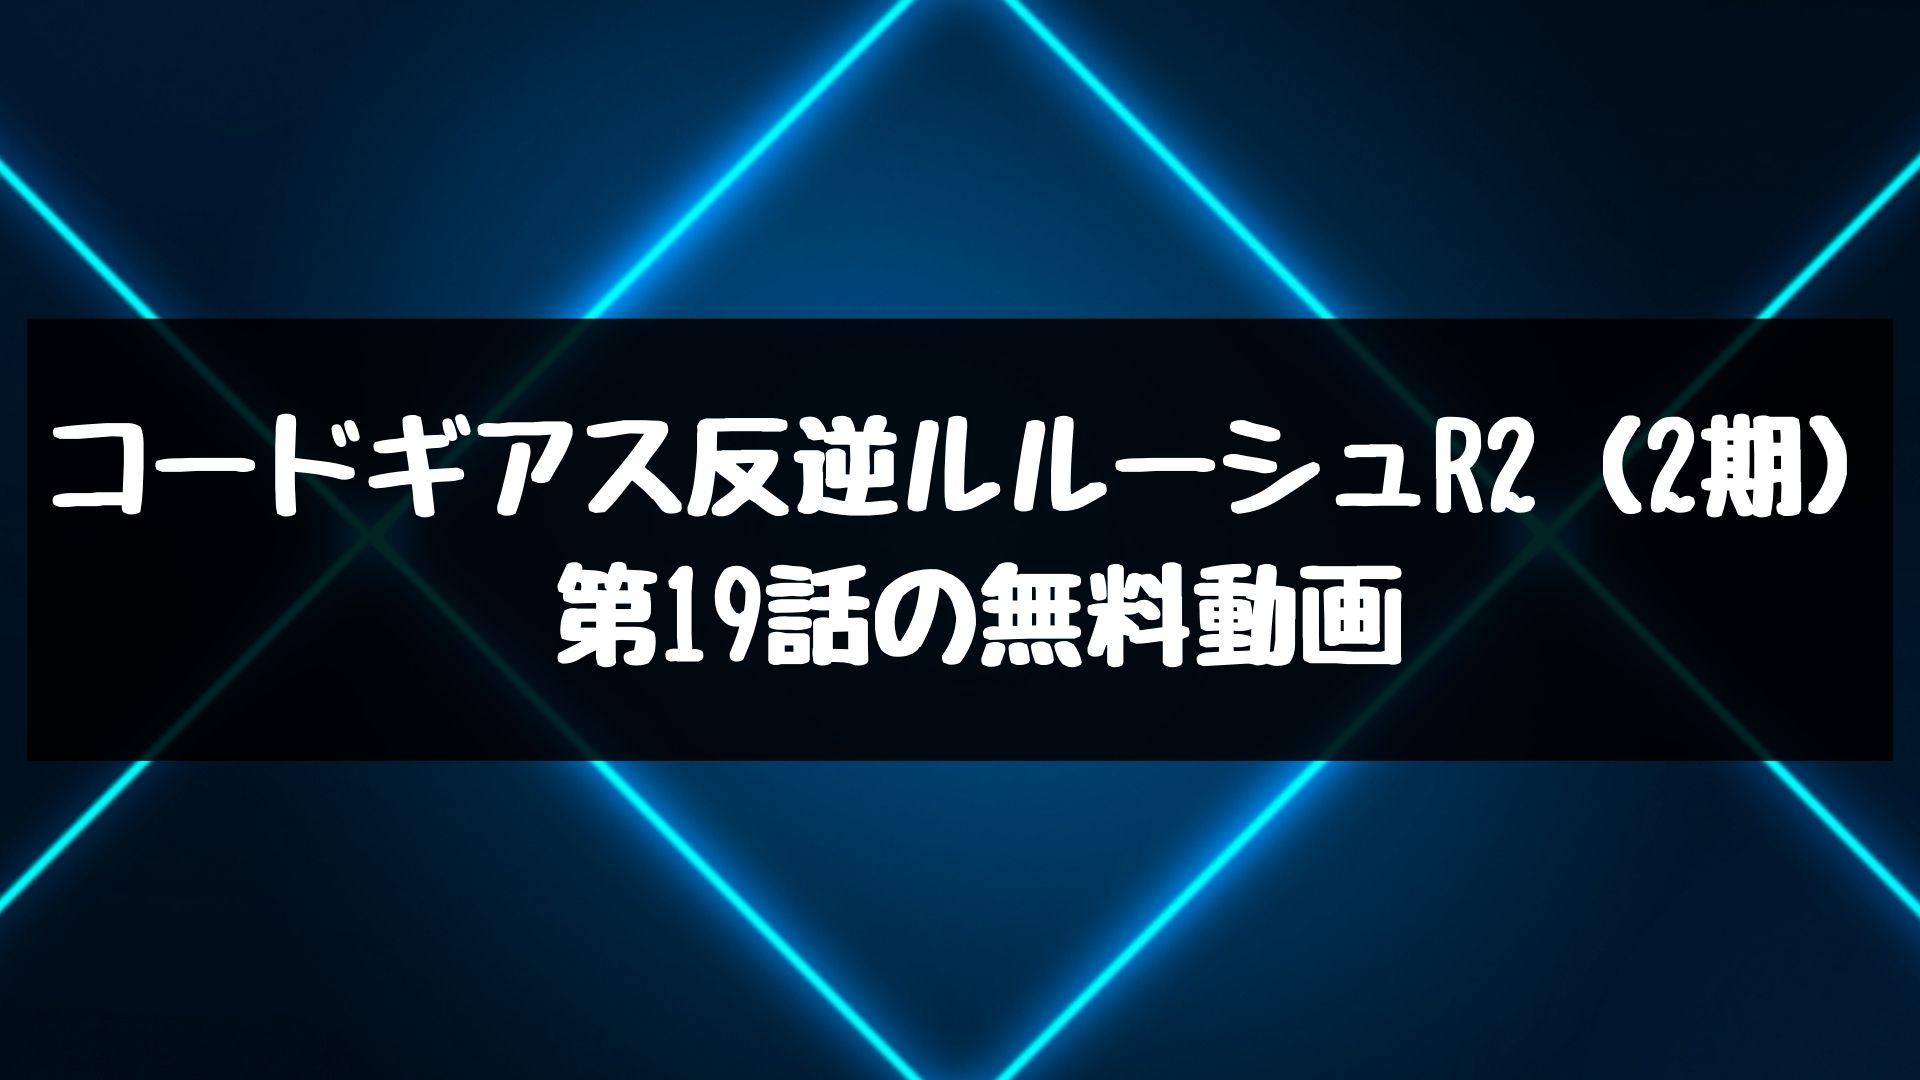 コードギアス反逆ルルーシュR2(2期) 第19話の無料動画